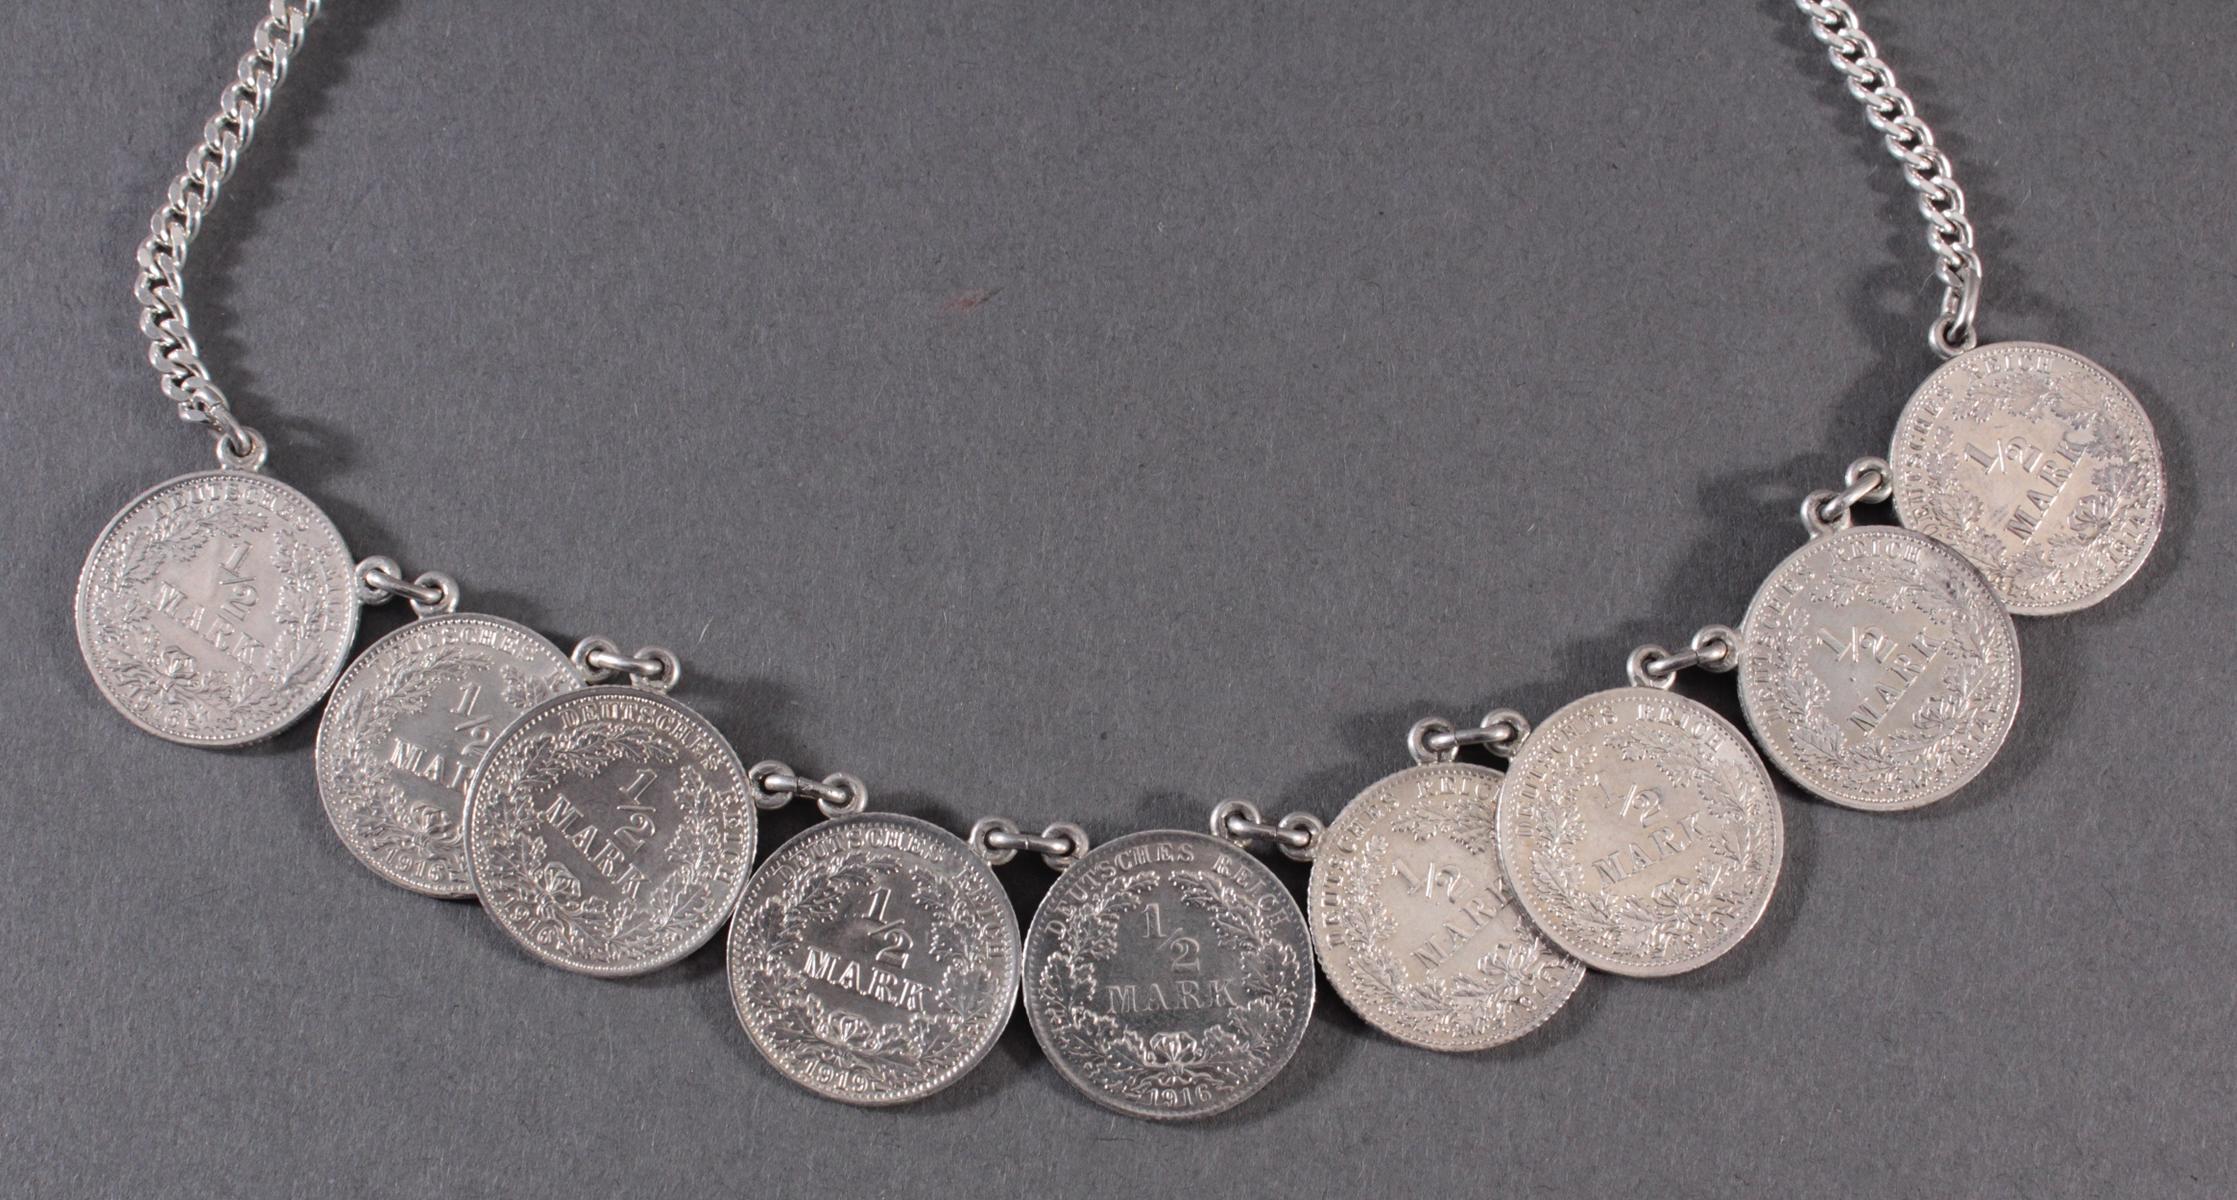 Halskette mit Silbermünzen-3